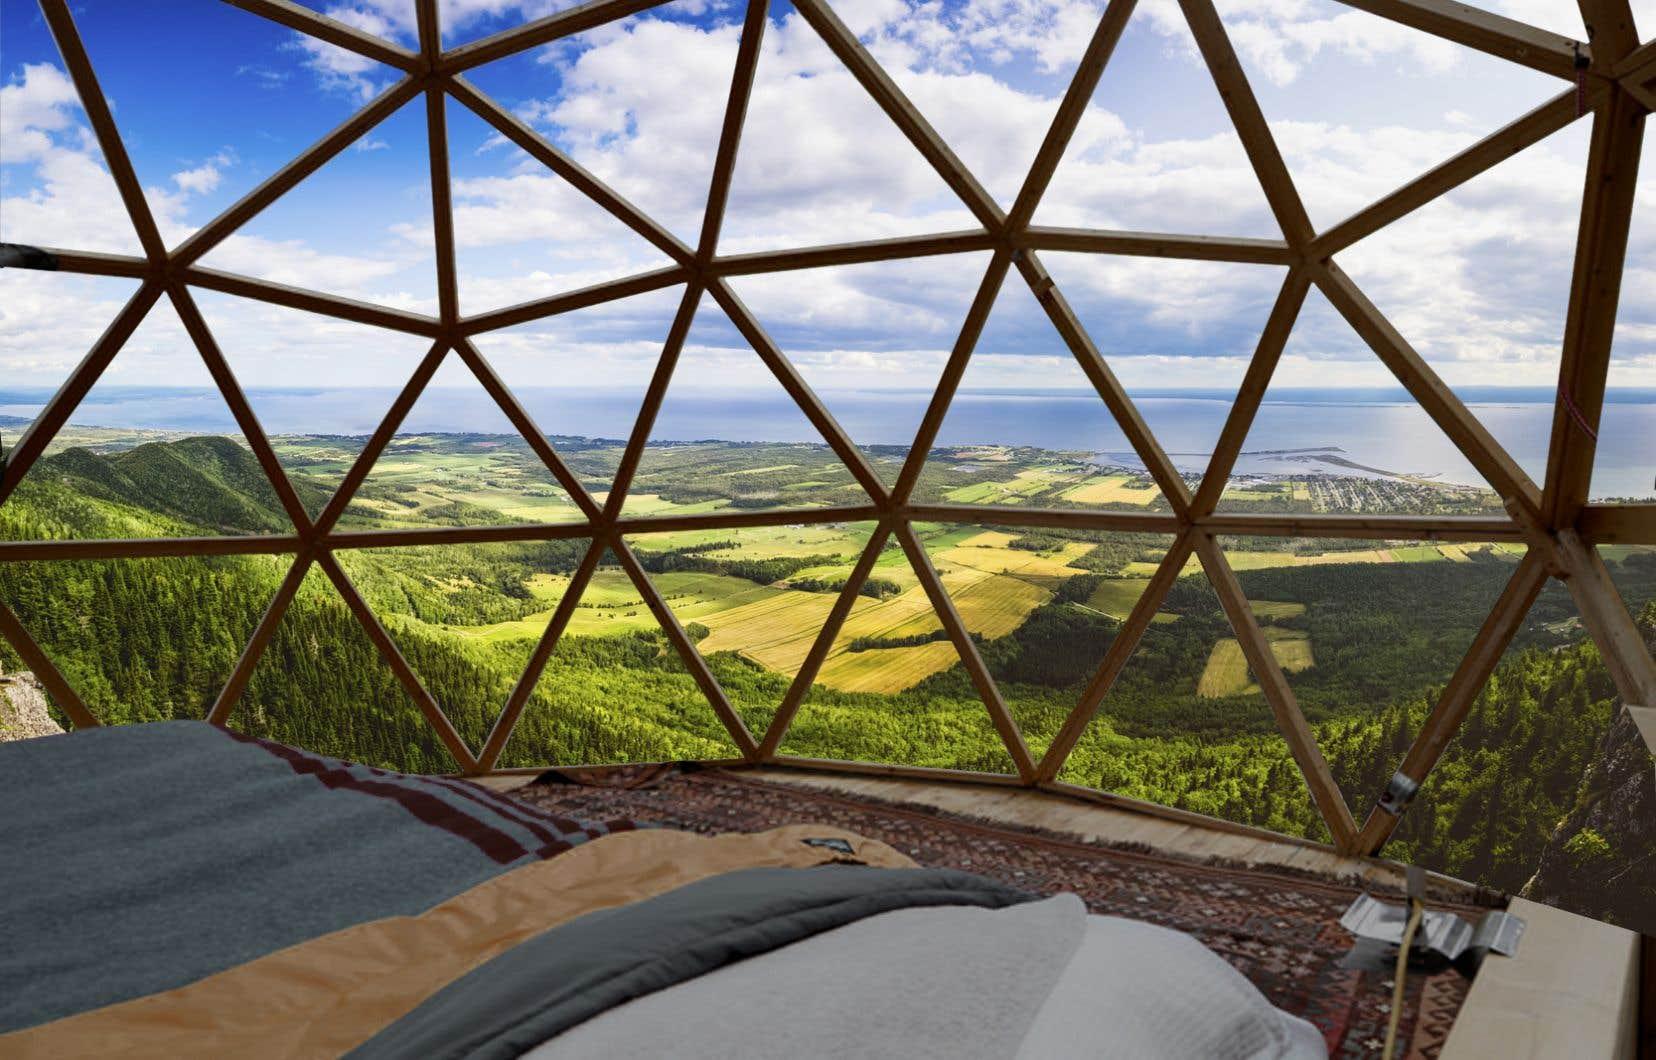 Juchés à flanc de montagne, les géodômes offriront une vue imprenable sur la baie des Chaleurs, en Gaspésie.